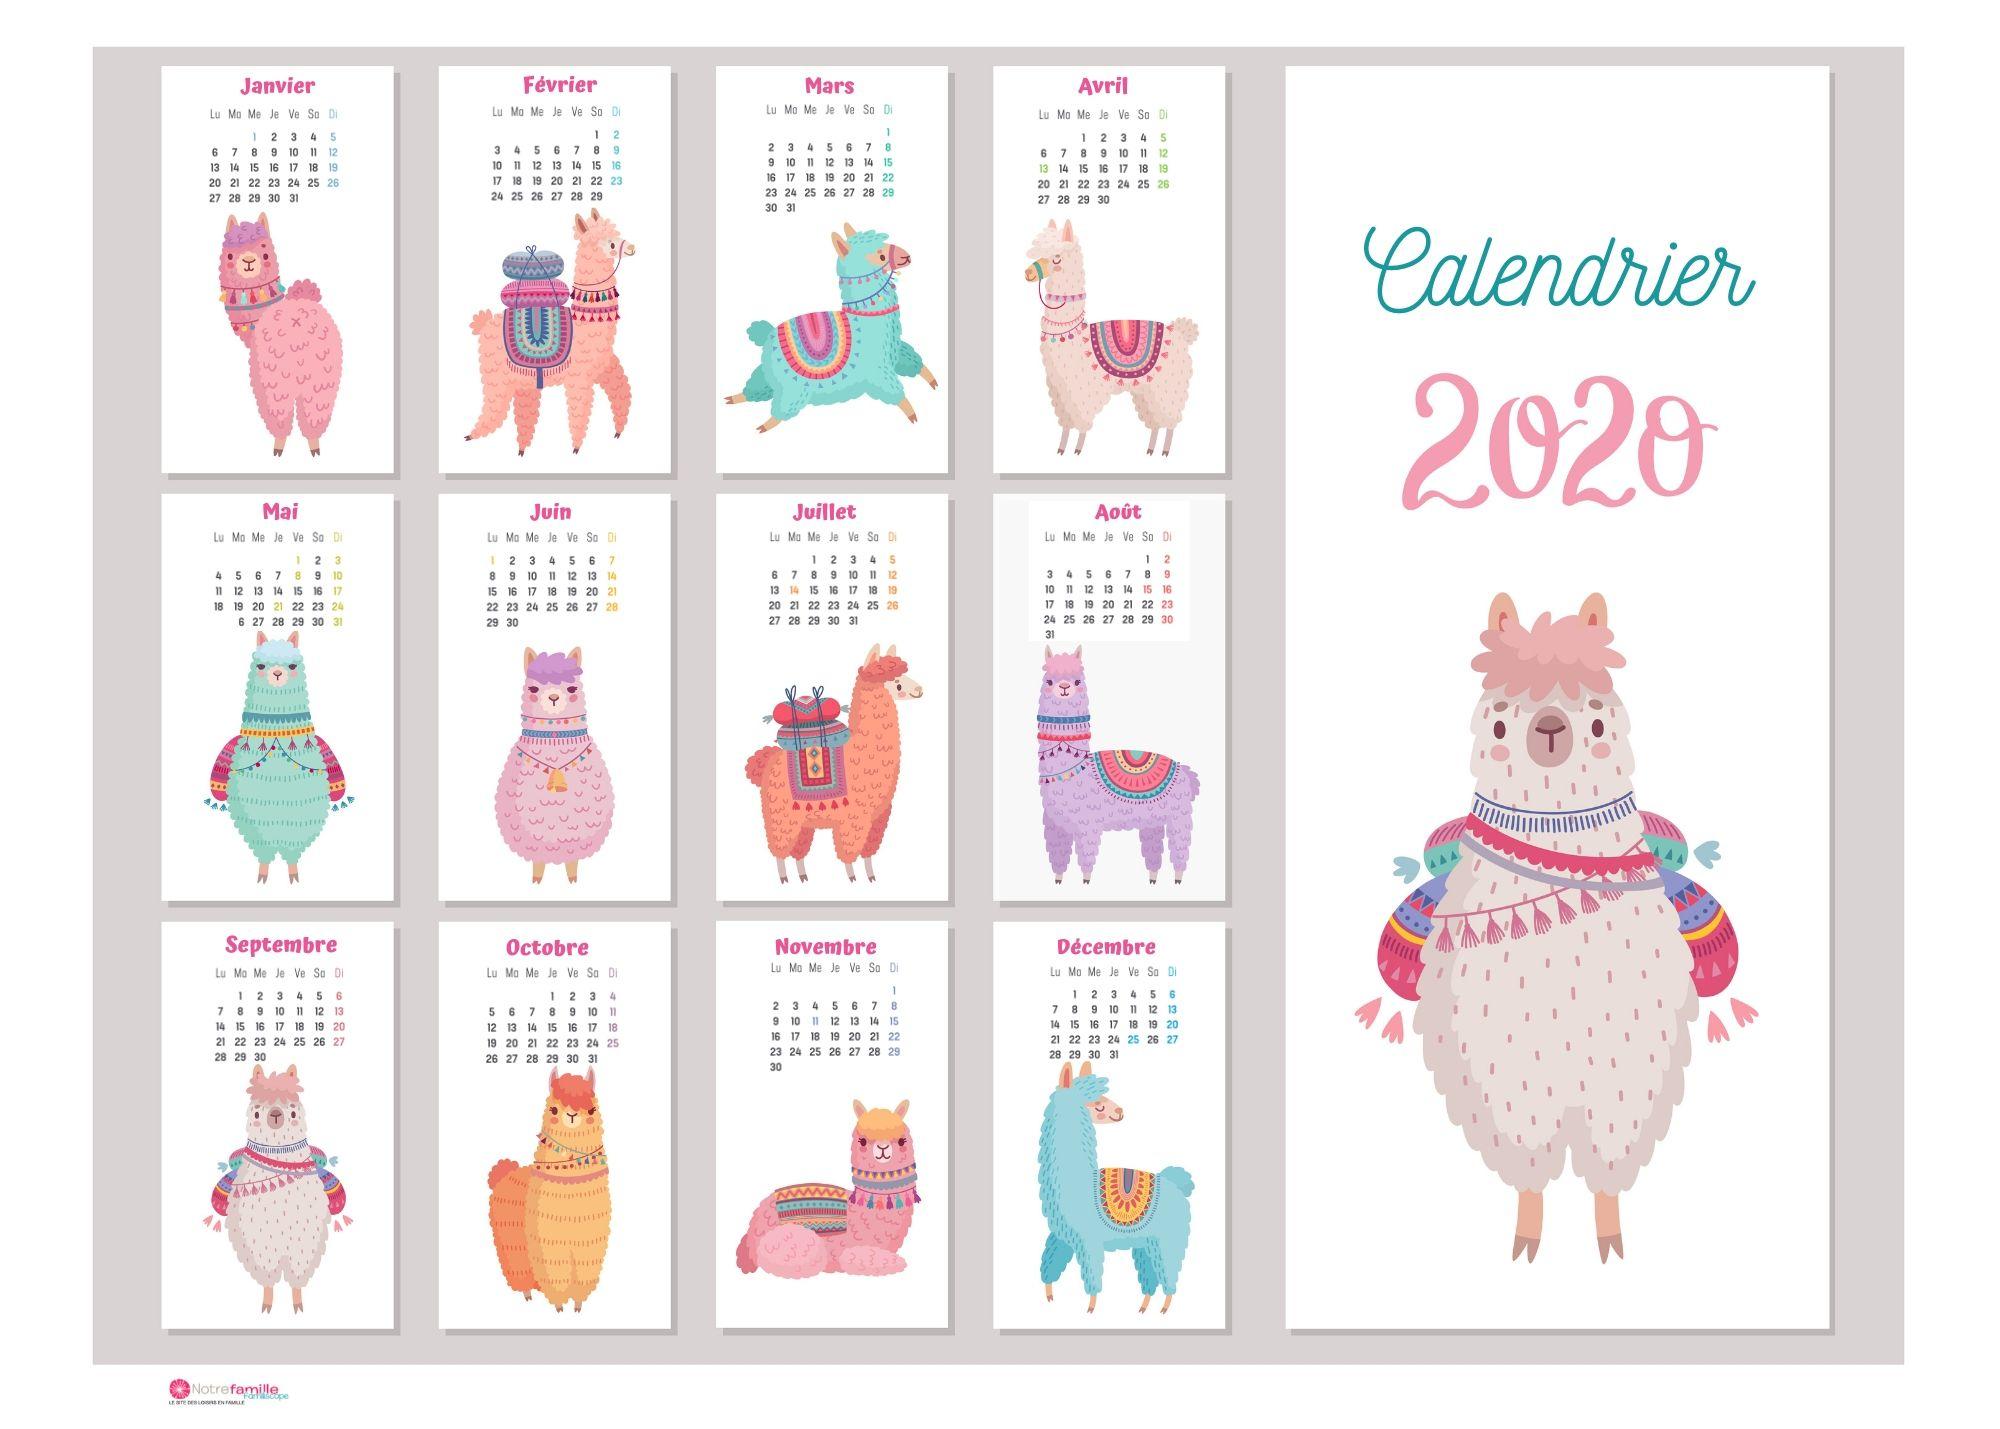 Calendriers 2020 À Imprimer Pour Les Enfants intérieur Jeux A Imprimer Pour 10 Ans